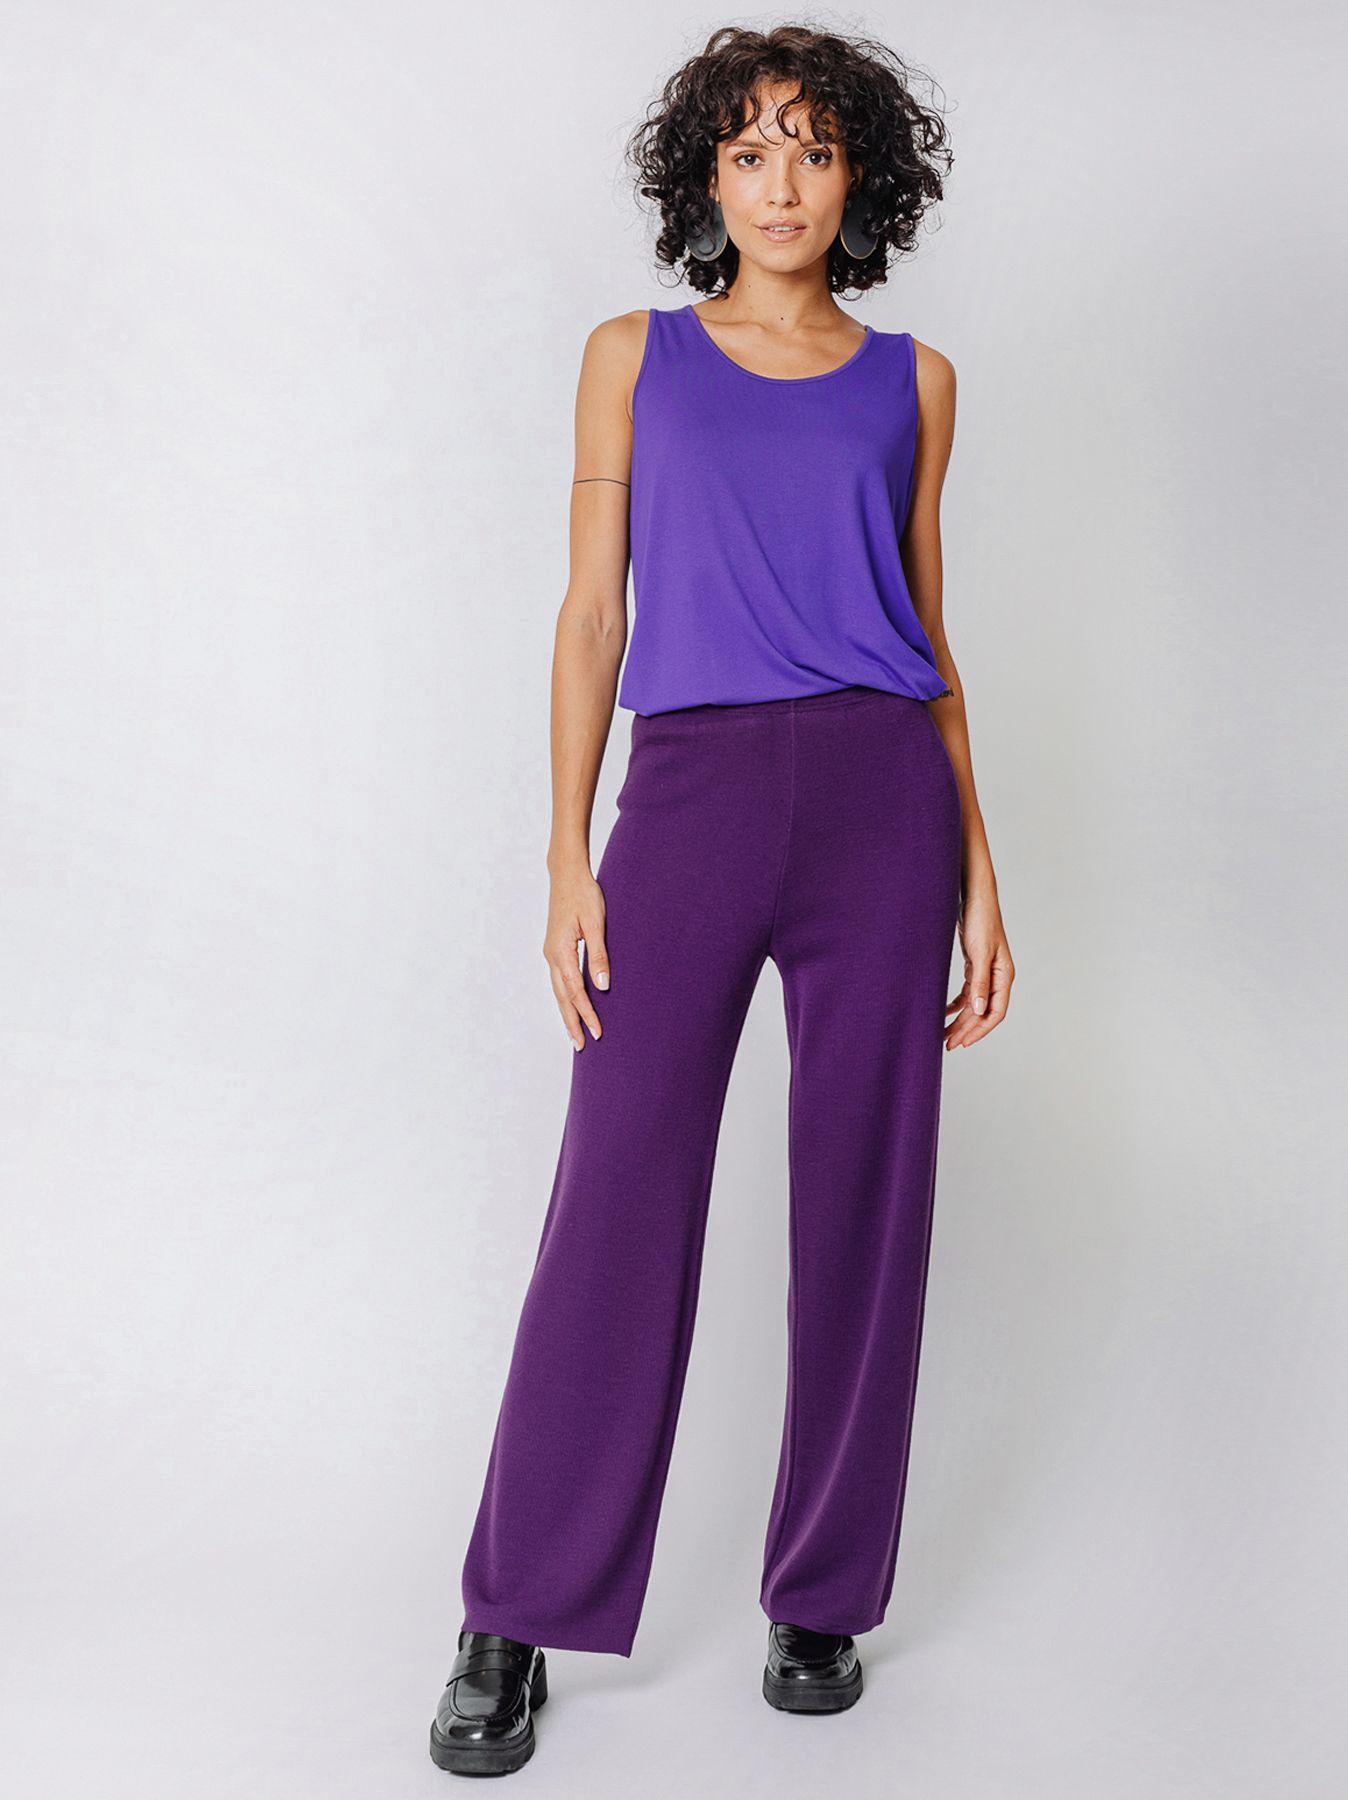 Pantalone elastico in maglia